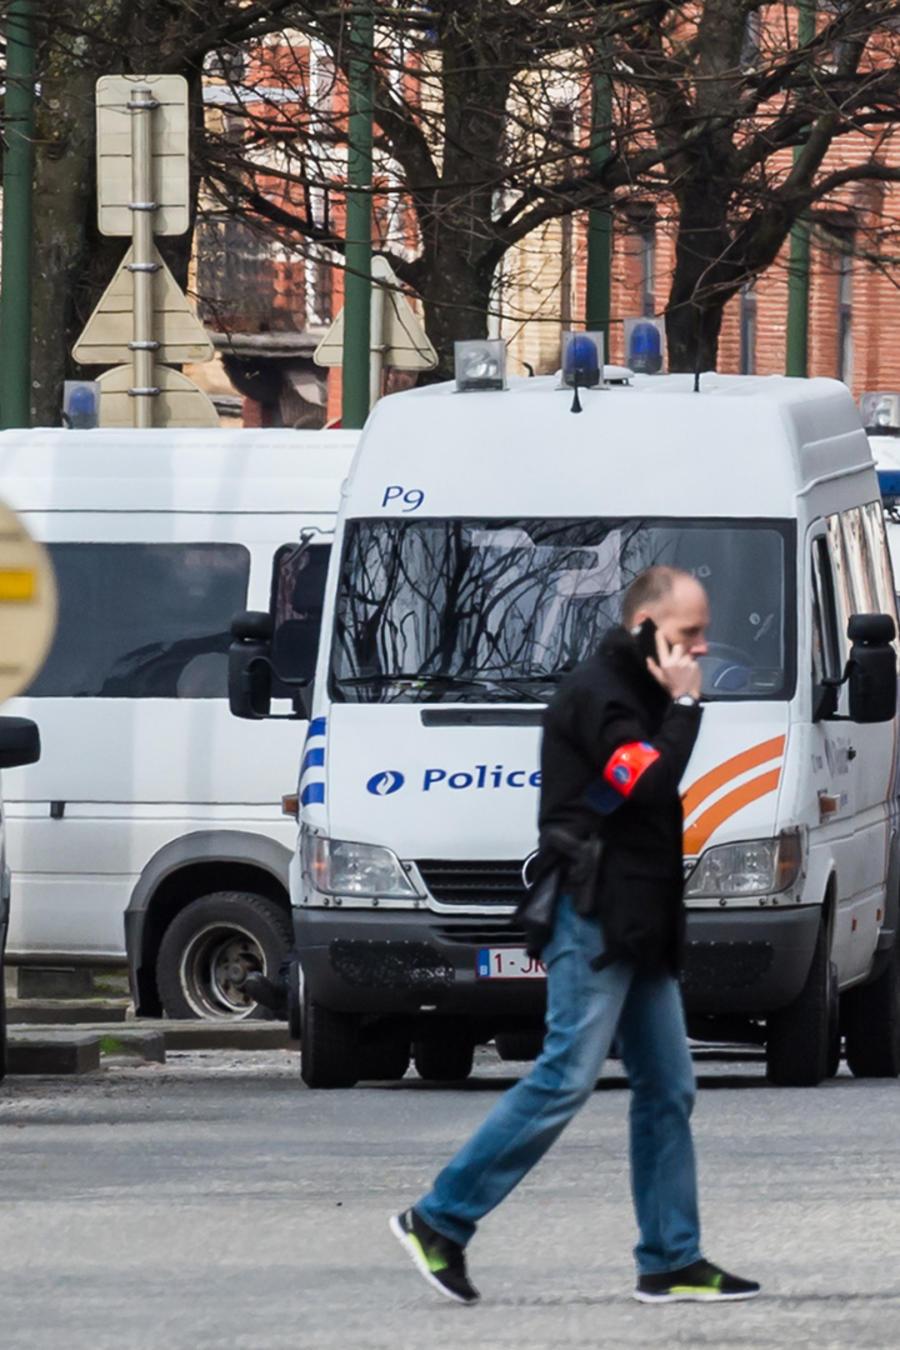 La policía asegura una zona durante un registro en el barrio de Etterbeek, en Bruselas, el sábado 9 de abril de 2016